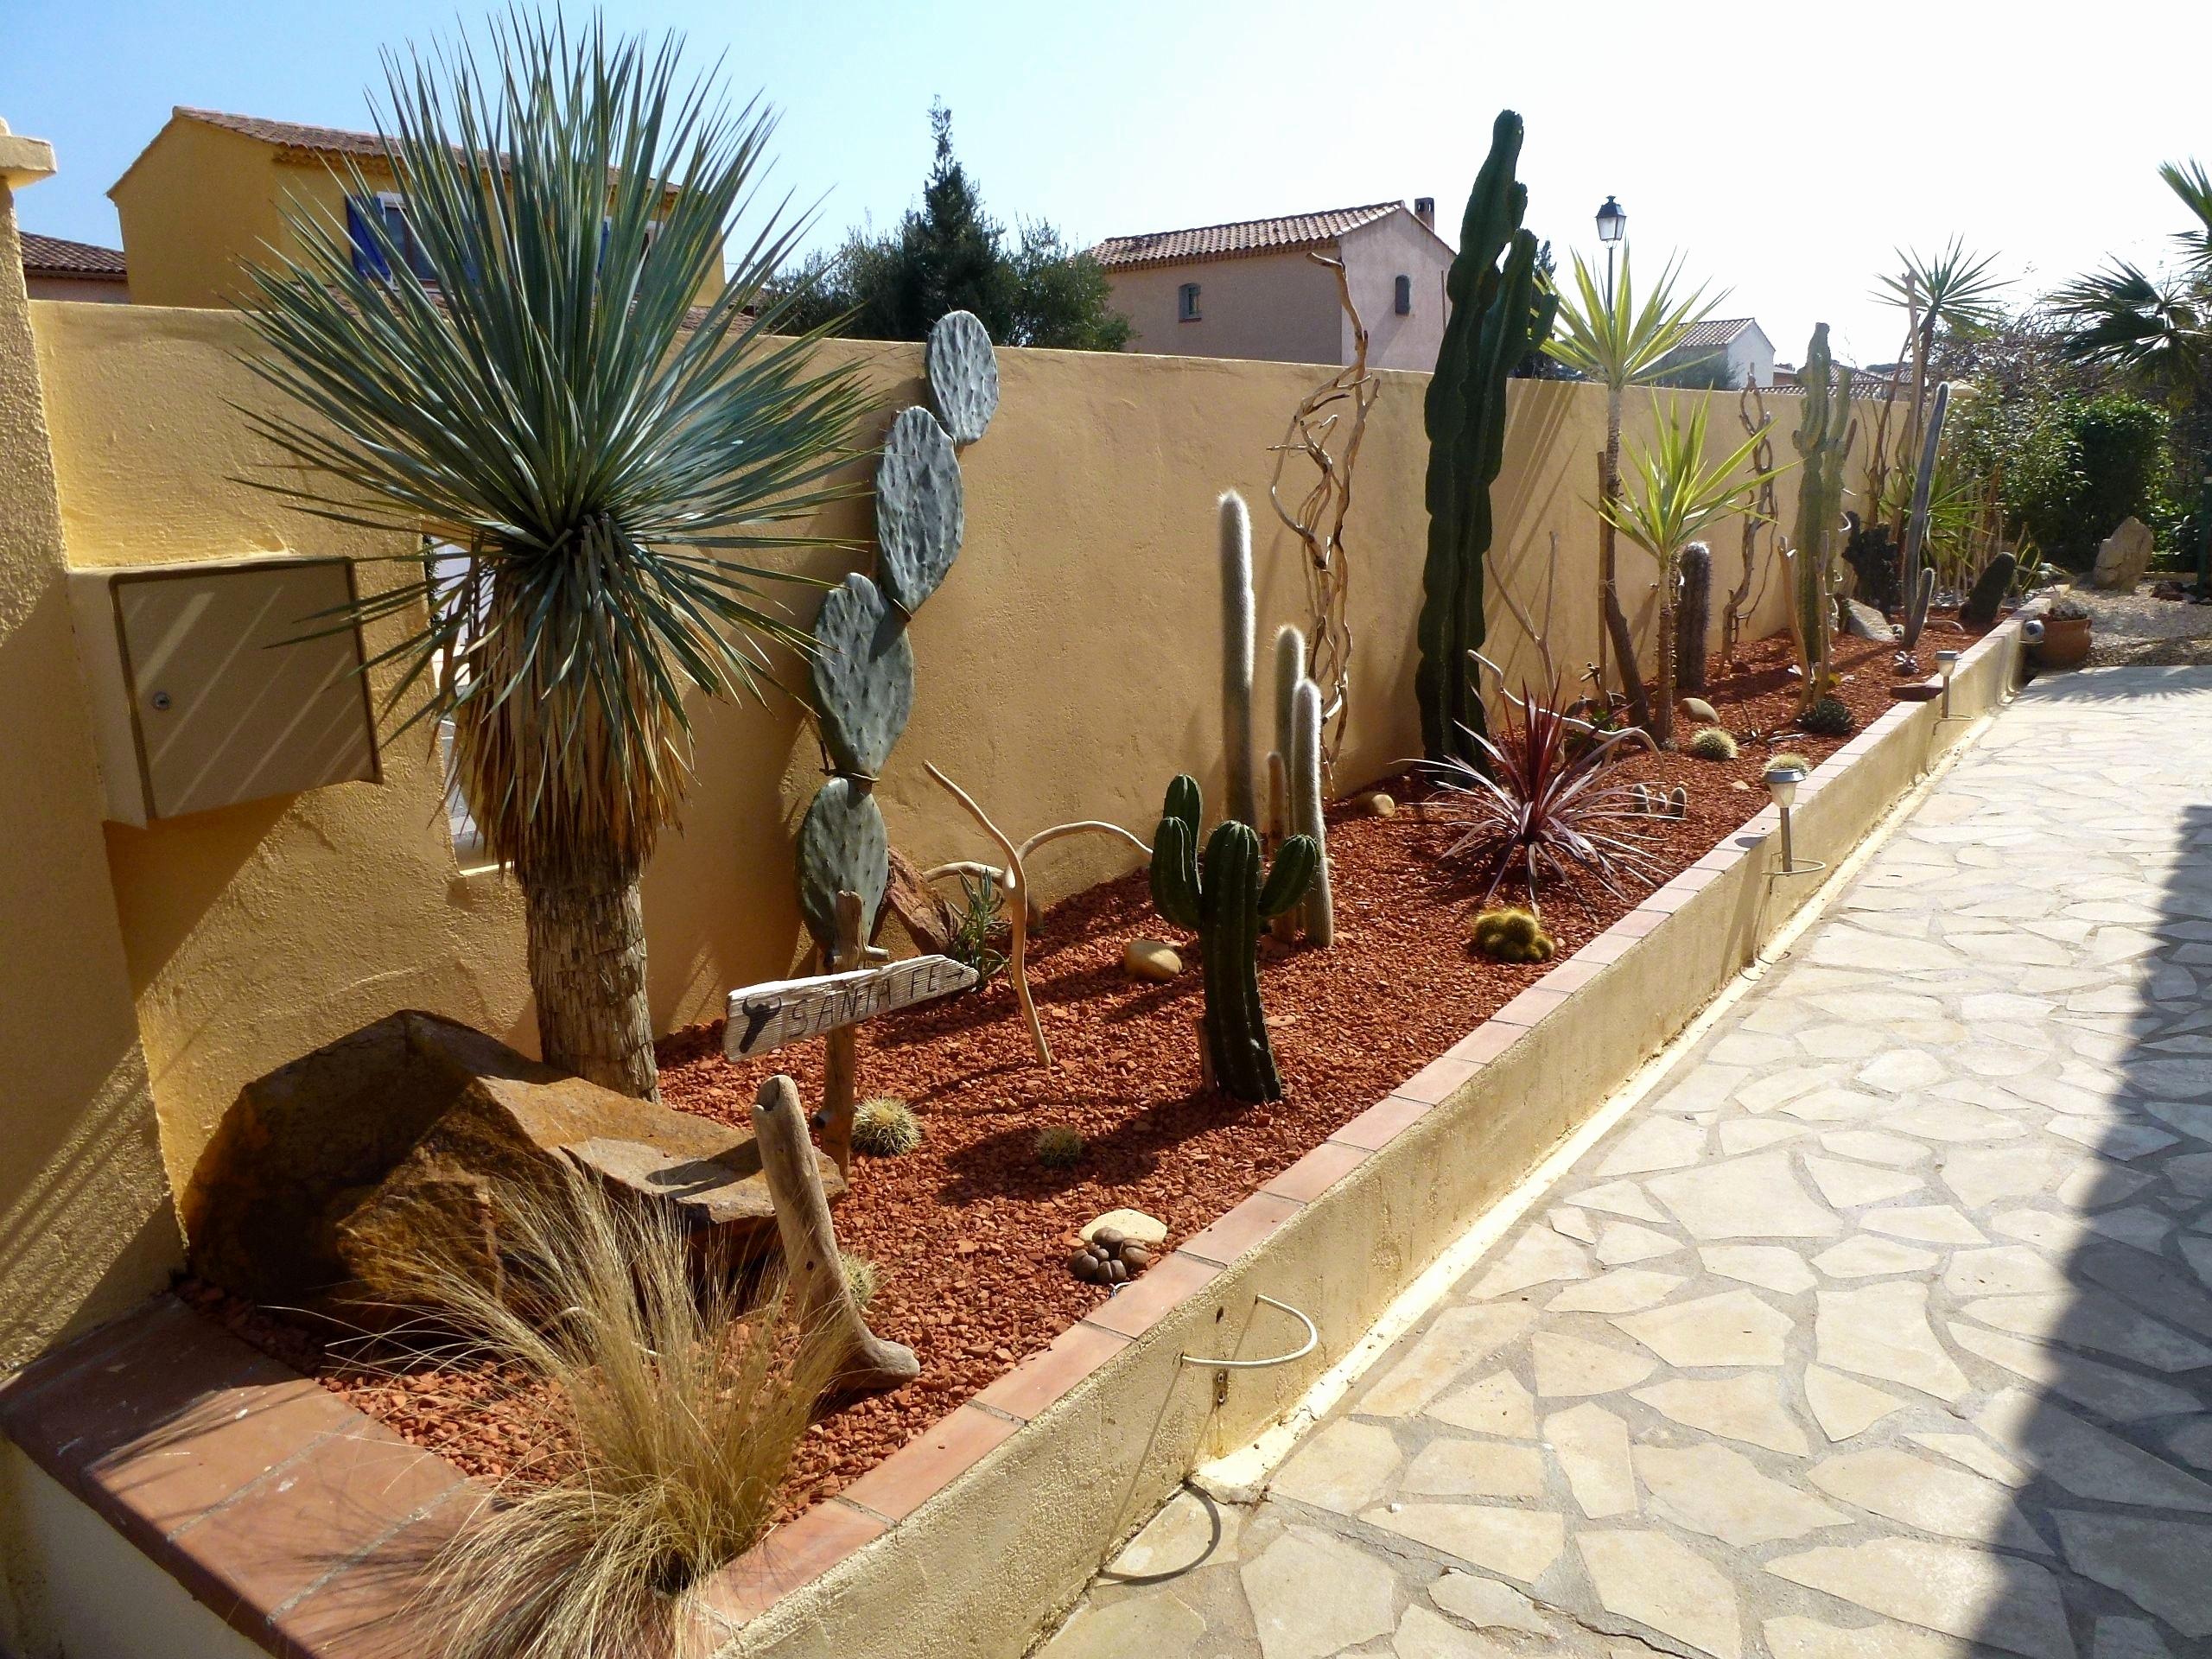 Castorama Bordure Jardin Nouveau Photos Brique Bordure Jardin élégant Bordure De Jardin Castorama